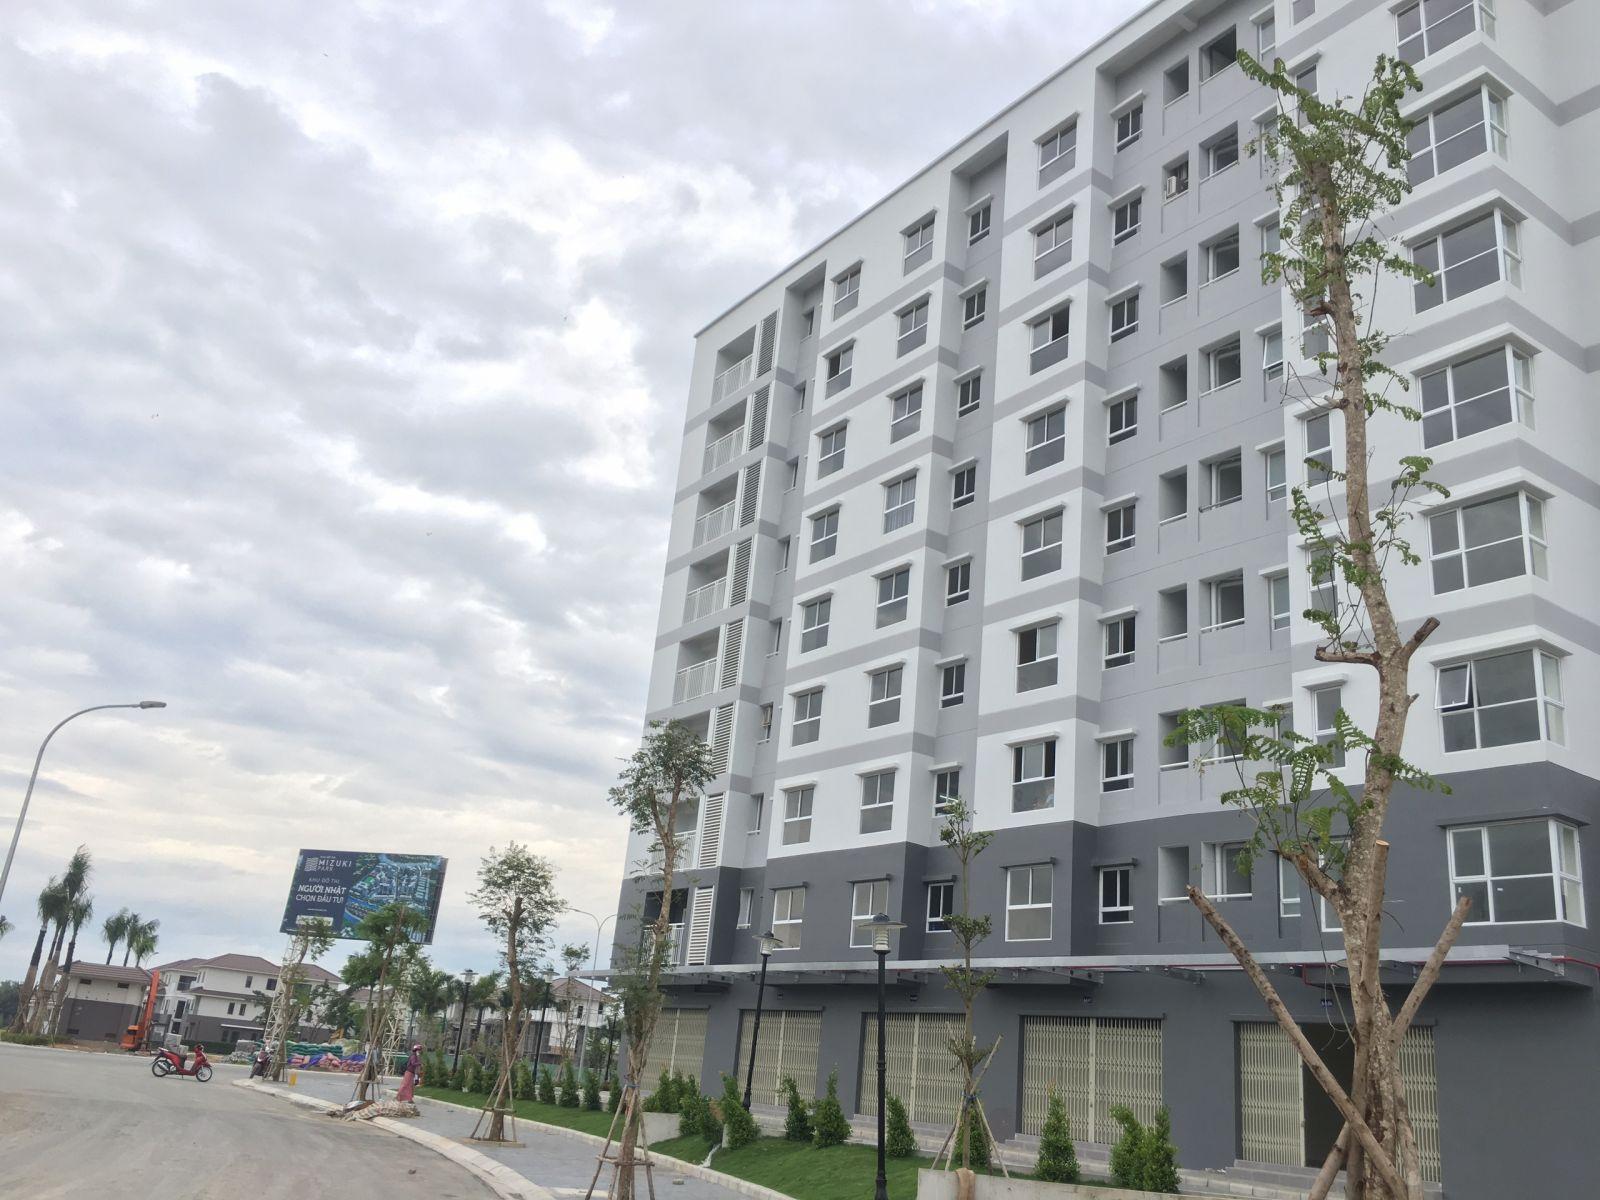 Block A - Ehome S Nam Sài Gòn đã hoàn thiện bàn giao cho khách hàng. Căn hộ Ehome có mức giá tốt phù hợp với nhu cầu của khách hàng trung bình.